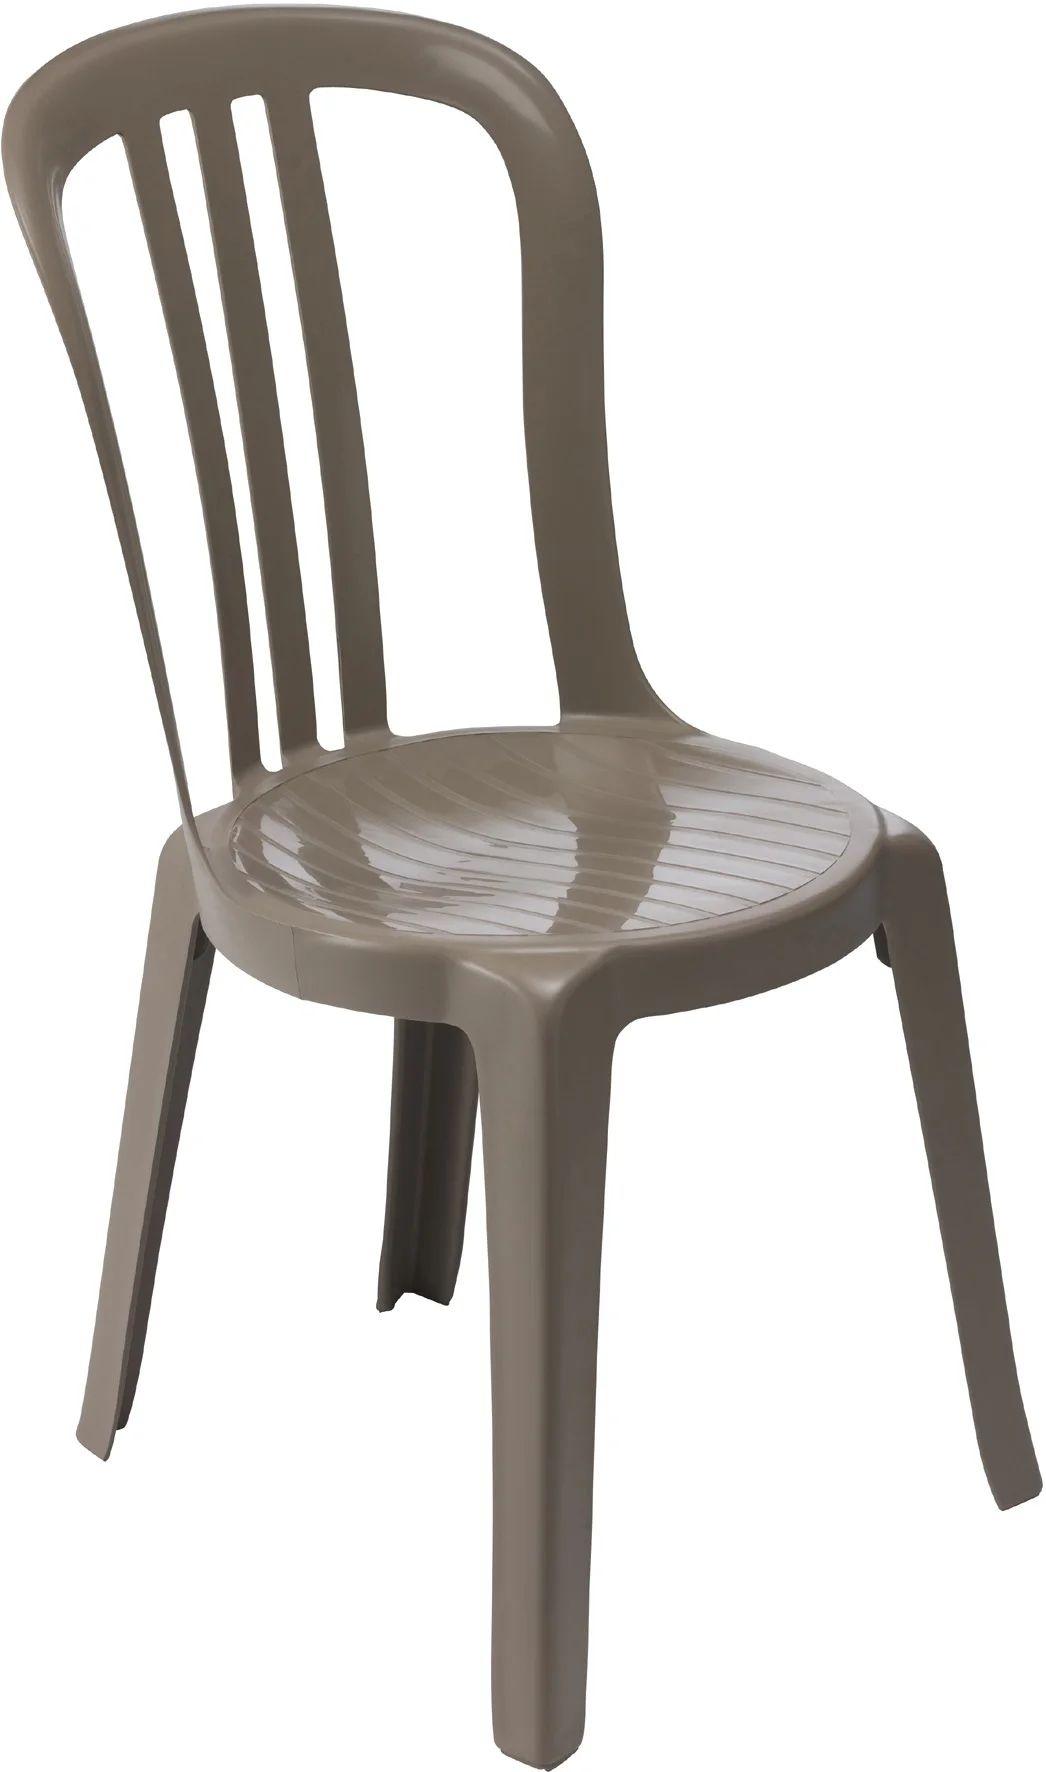 chaise de jardin en resine miami taupe